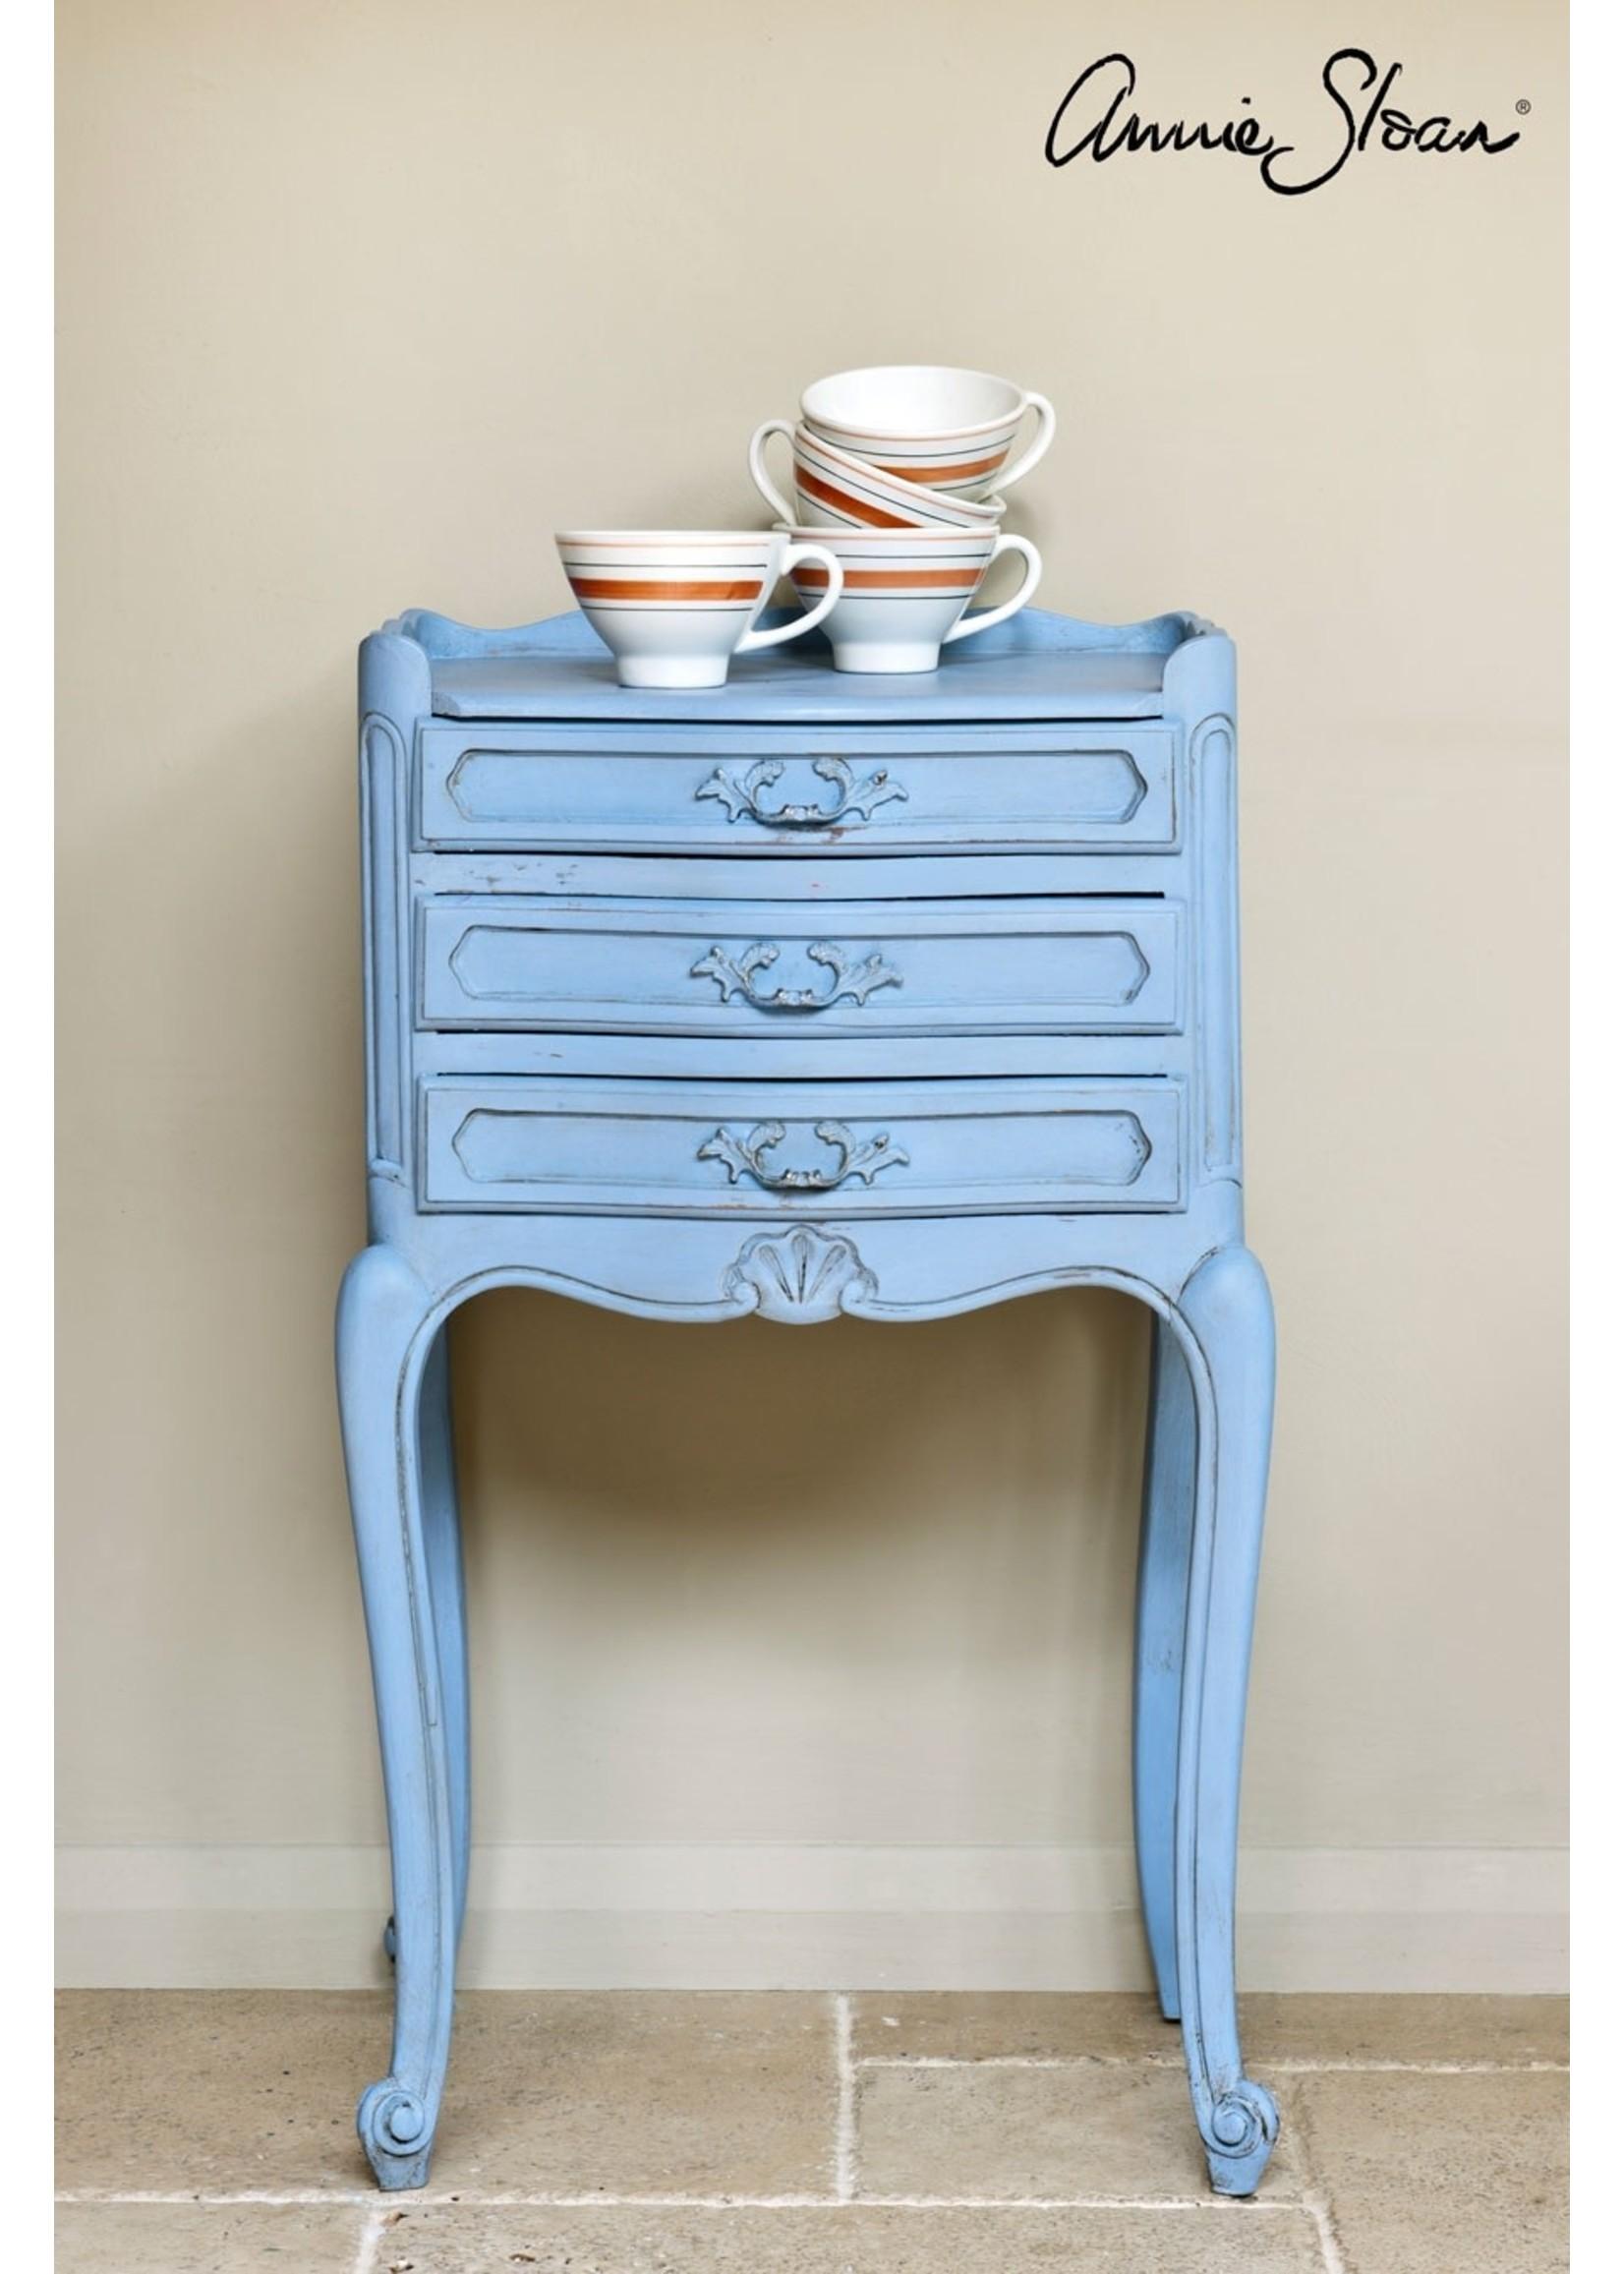 Annie Sloan Chalk Paint® Louis Blue Annie Sloan Chalk Paint ®